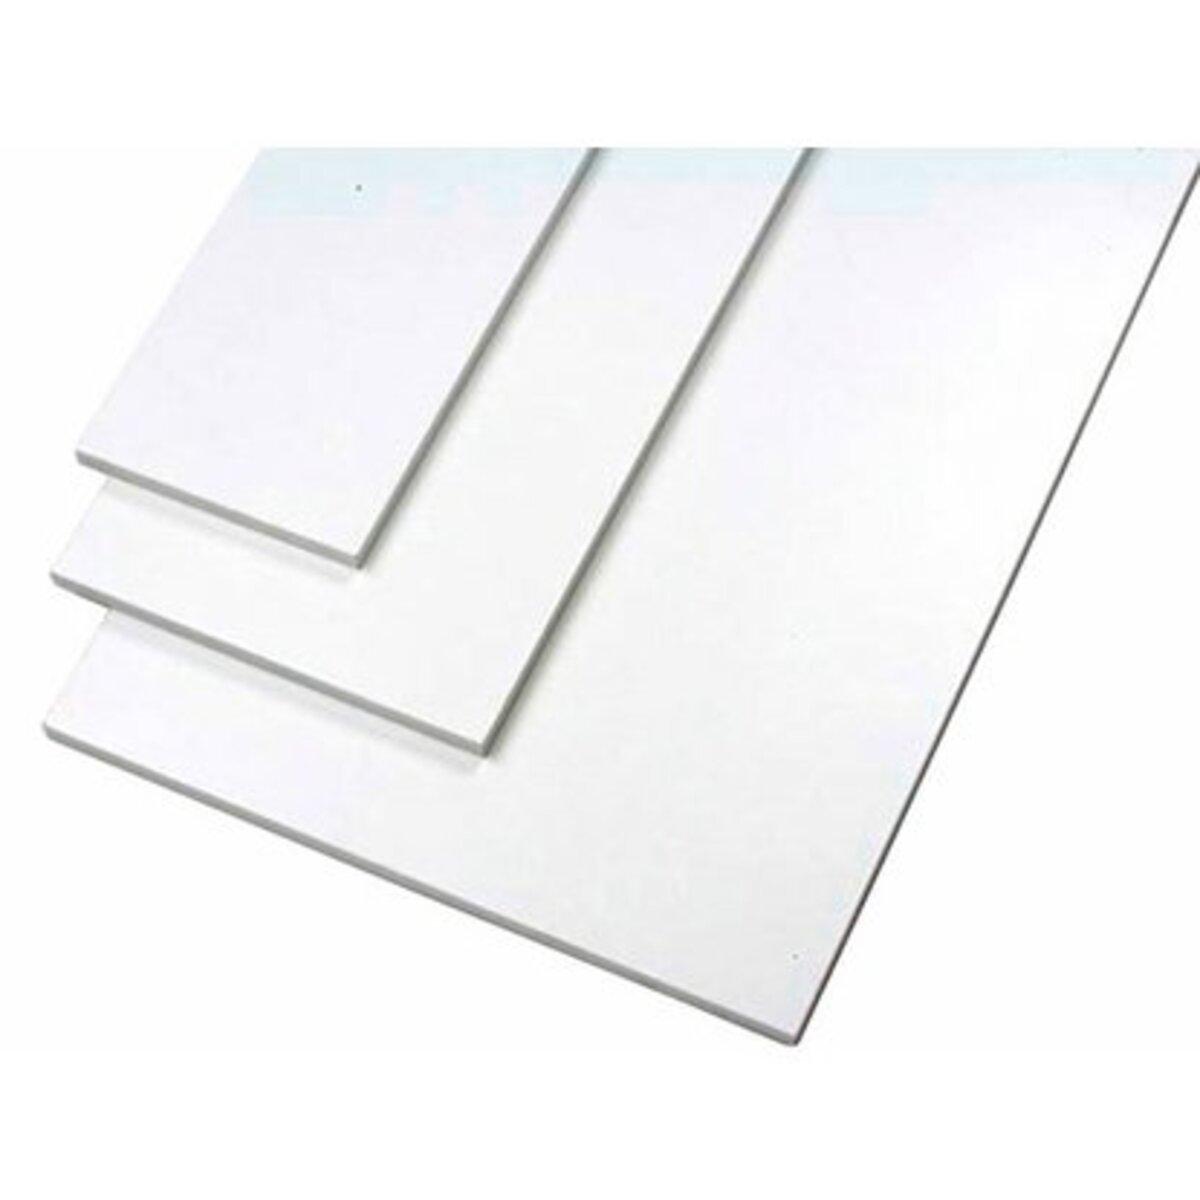 Bild 1 von Möbelbauplatte Weiß 260 cm x 20 cm x 1,9 cm